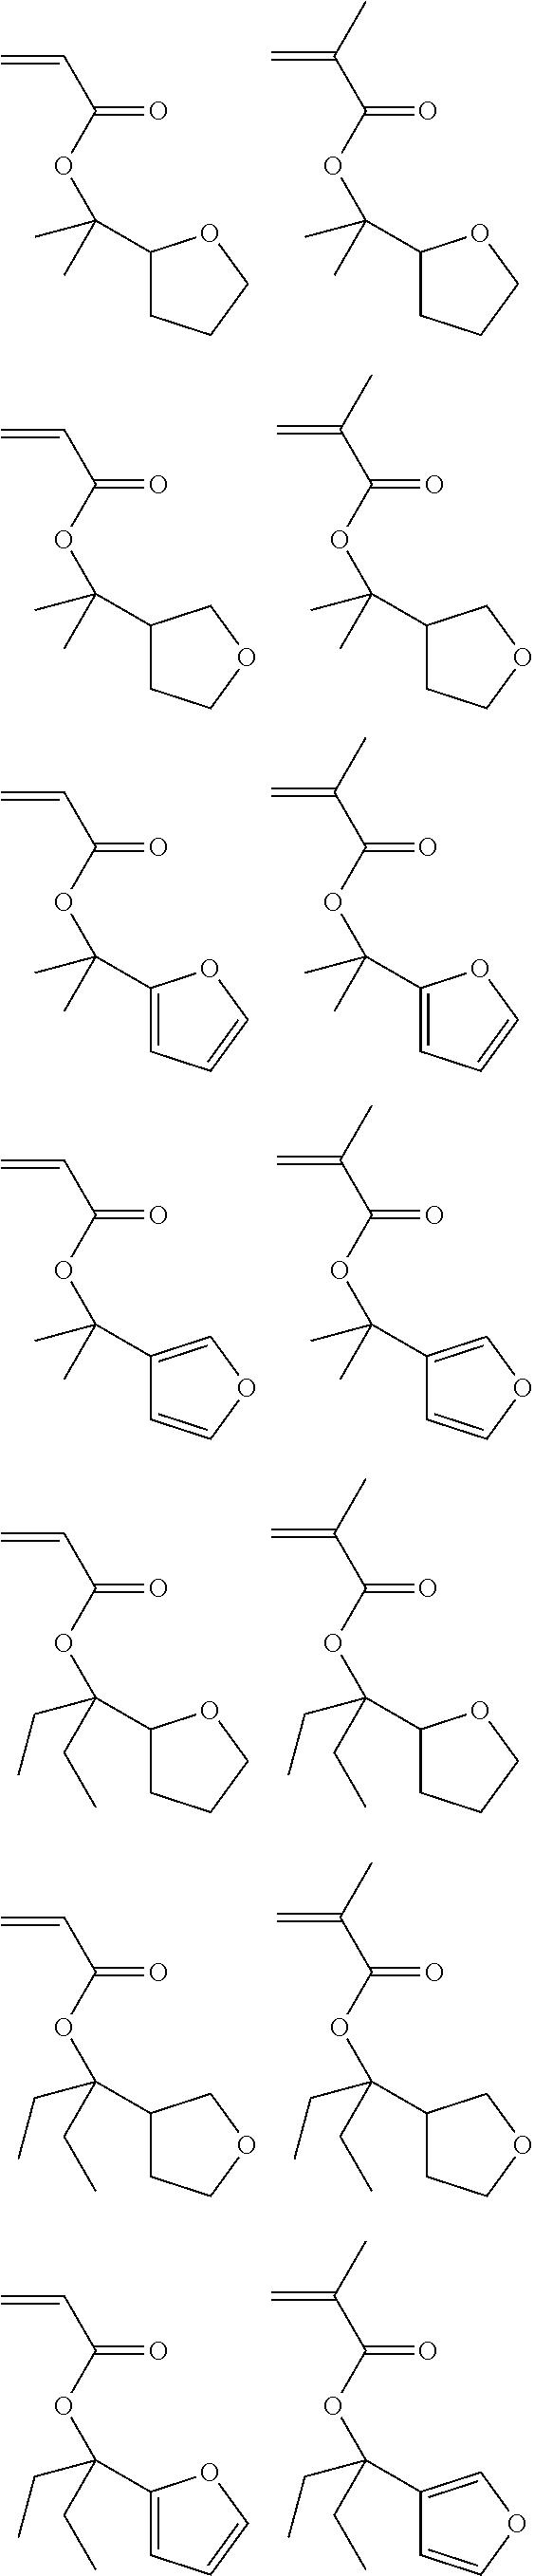 Figure US20110294070A1-20111201-C00059